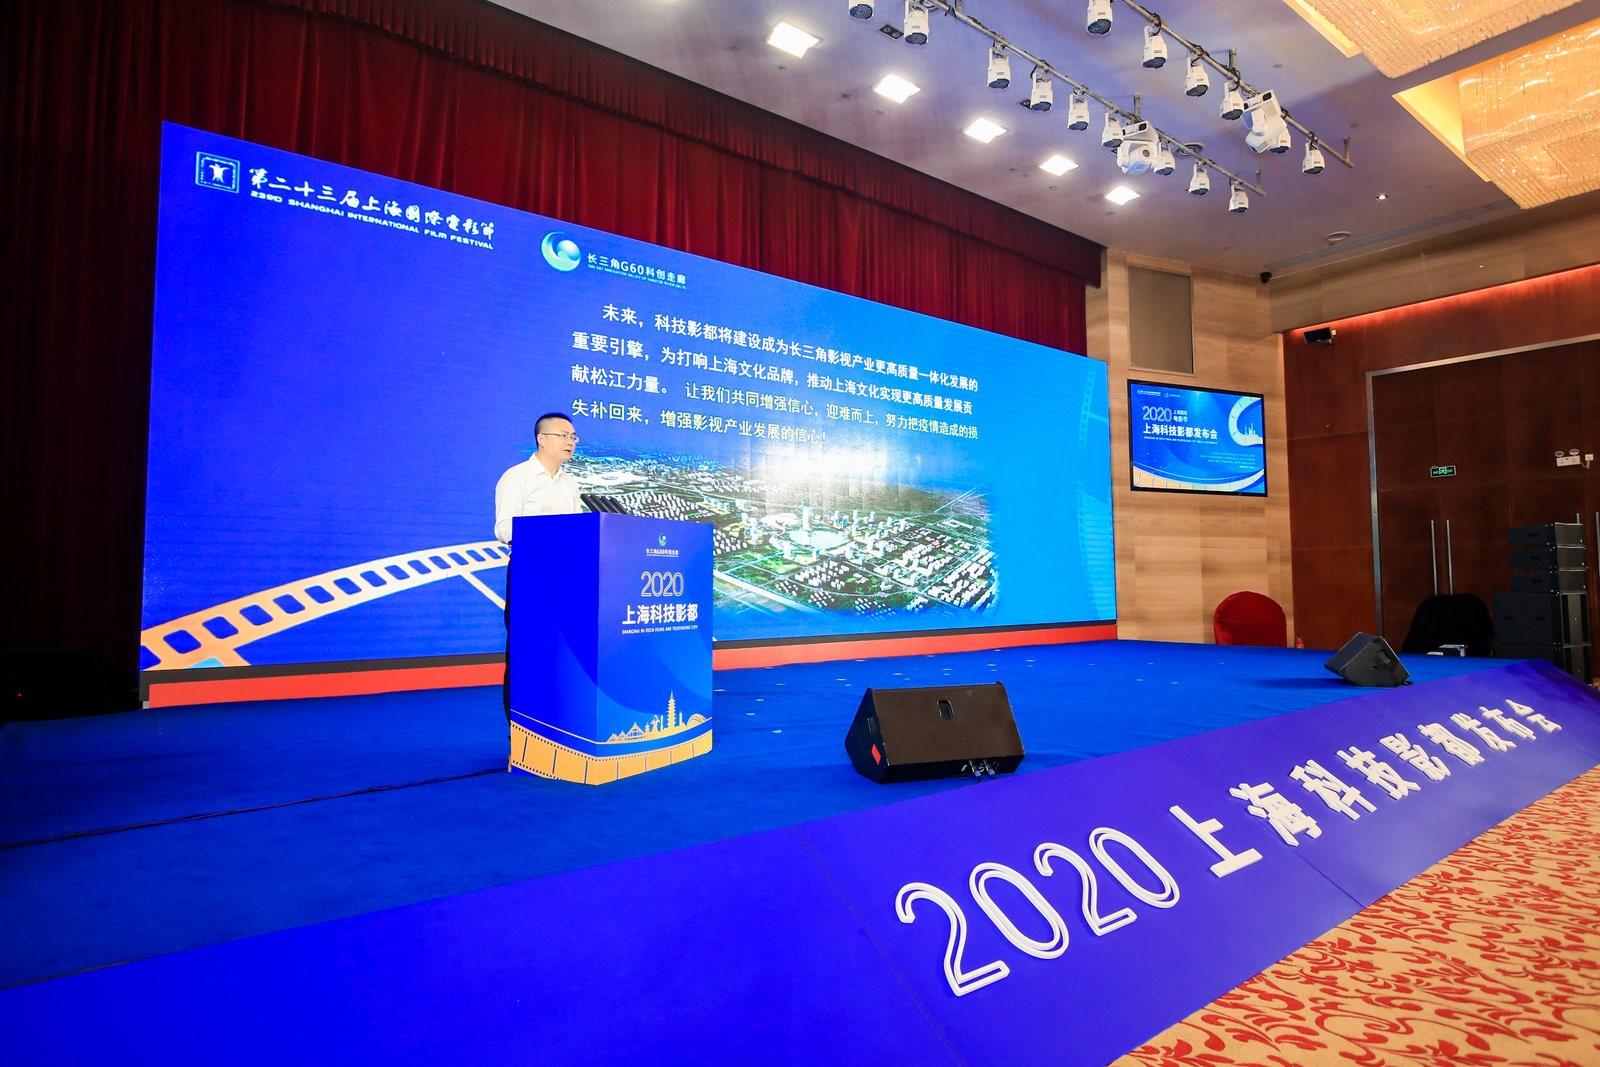 """产业加速集聚、项目密集落地,上海科技影都离""""好莱坞""""还有多远?"""